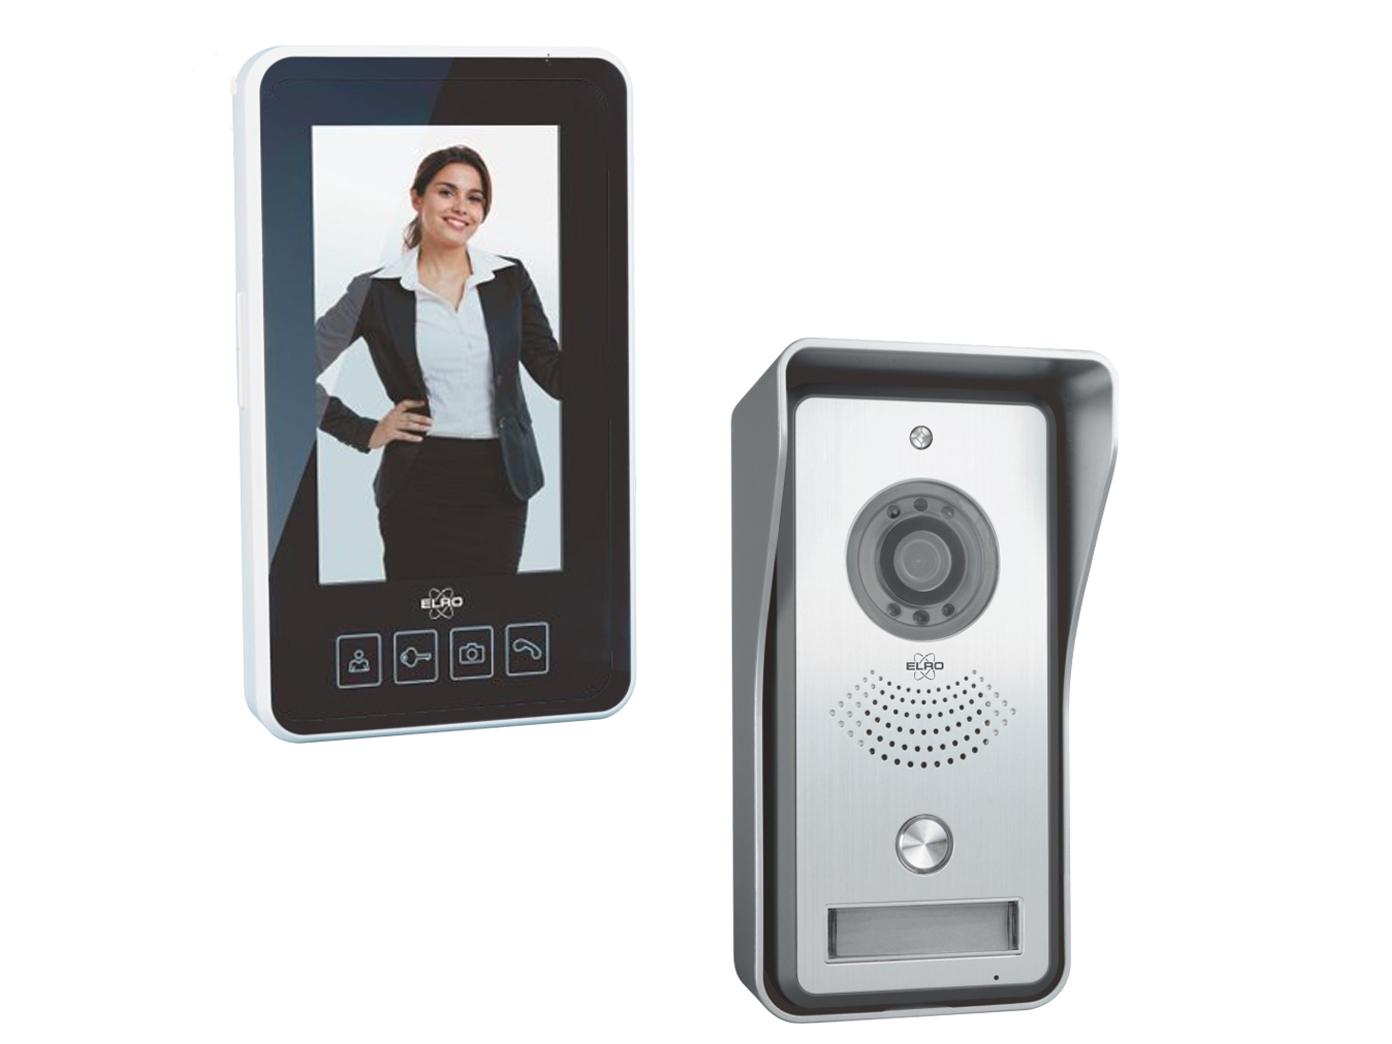 Video Funkklingel mit Gegensprechanlage, Wechselsprechanlage für Einfamilienhaus